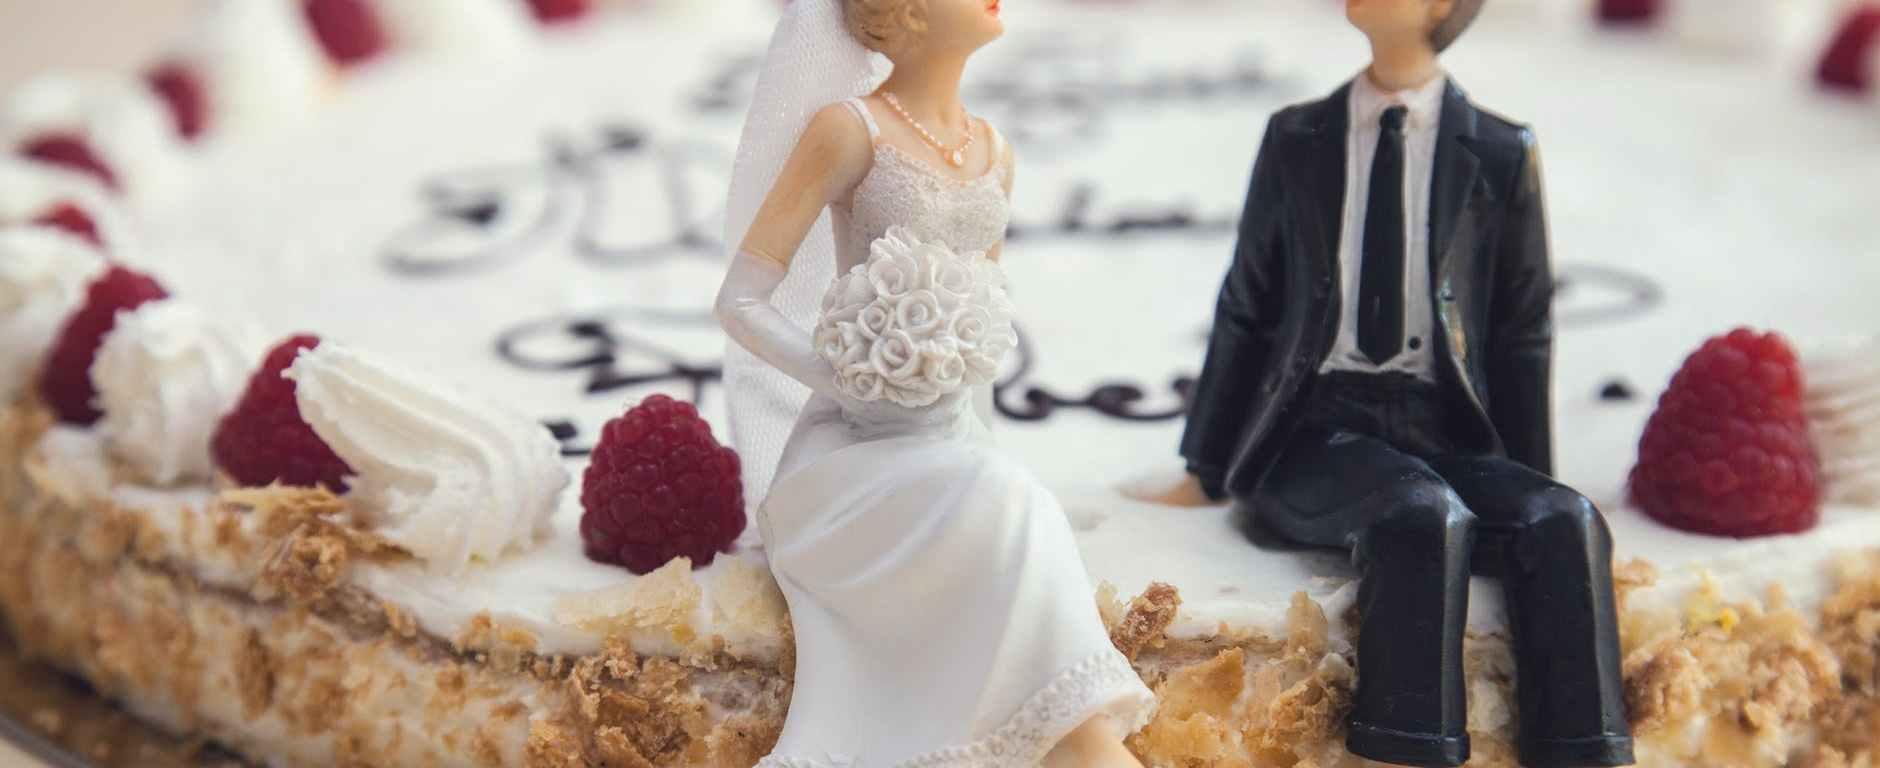 Παγκόσμια Ημέρα Γάμου, Κρατήστε το γάμο ζωντανό, αναμνήσεις, παιδιά, Ημέρα Αγίου Βαλεντίνου, ερωτική ζωή,